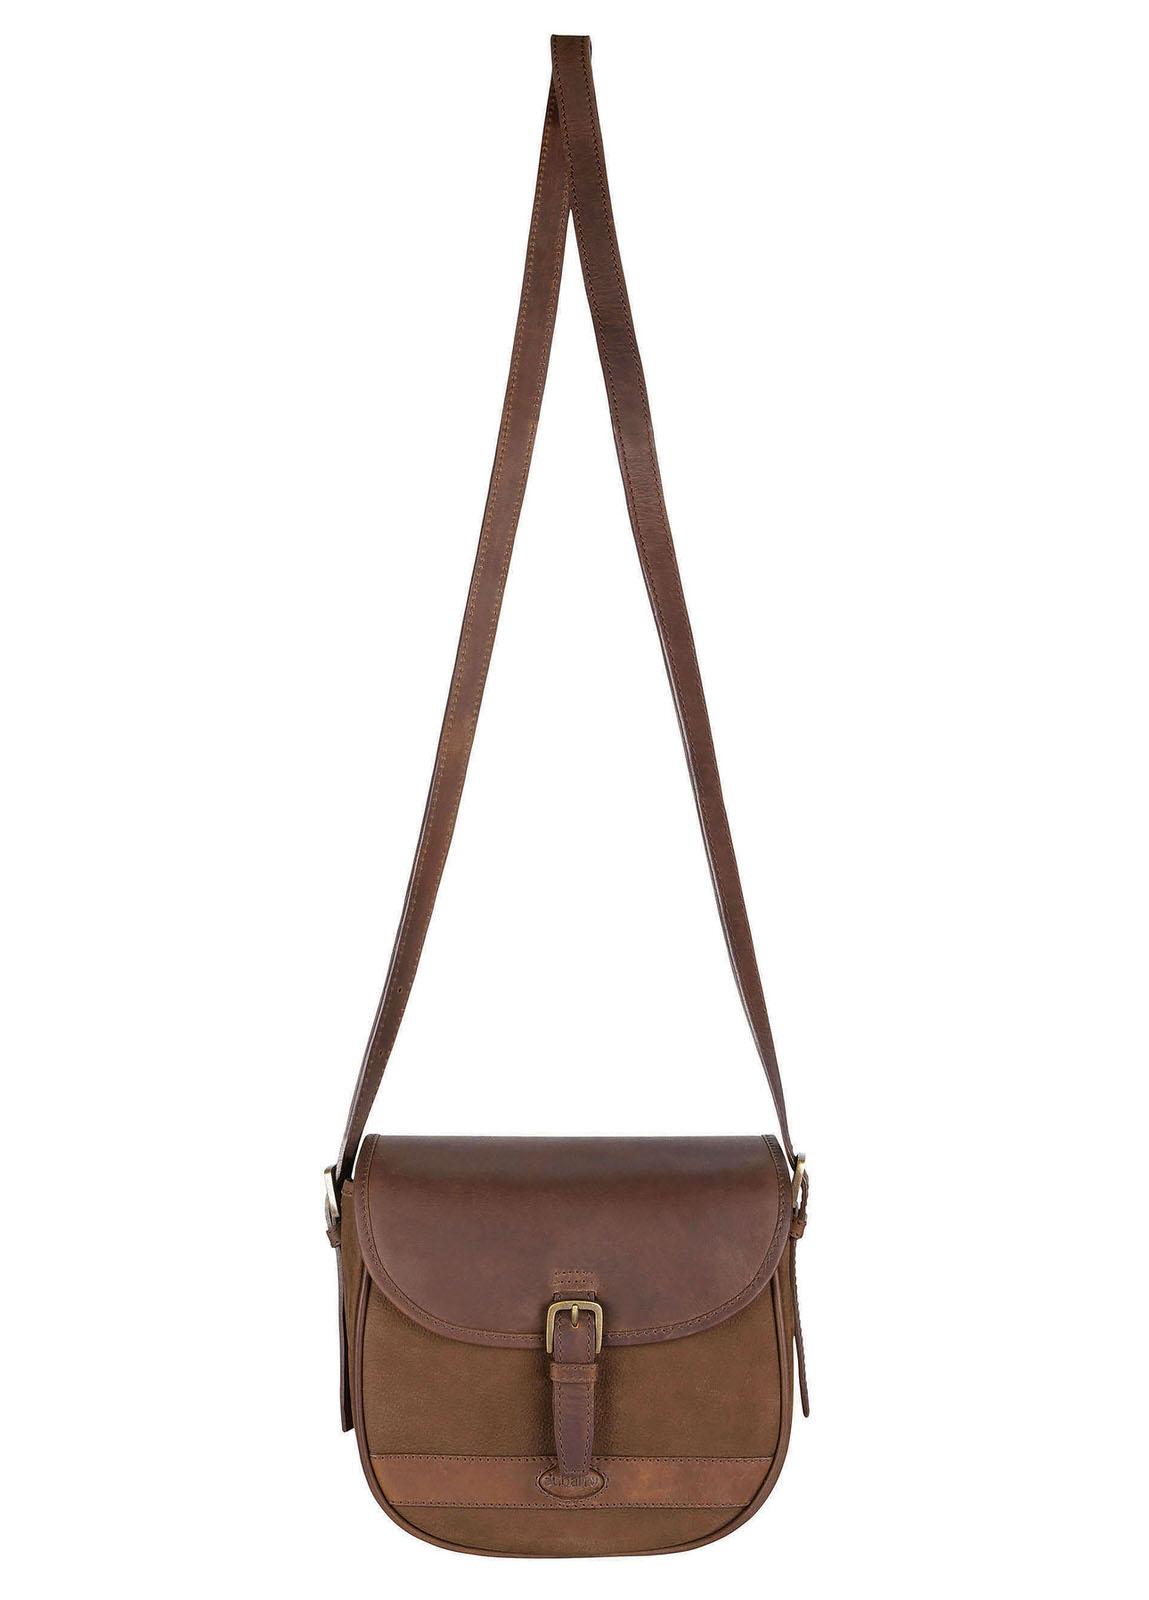 Clara_Leather_Saddle_bag_Walnut_Image_1